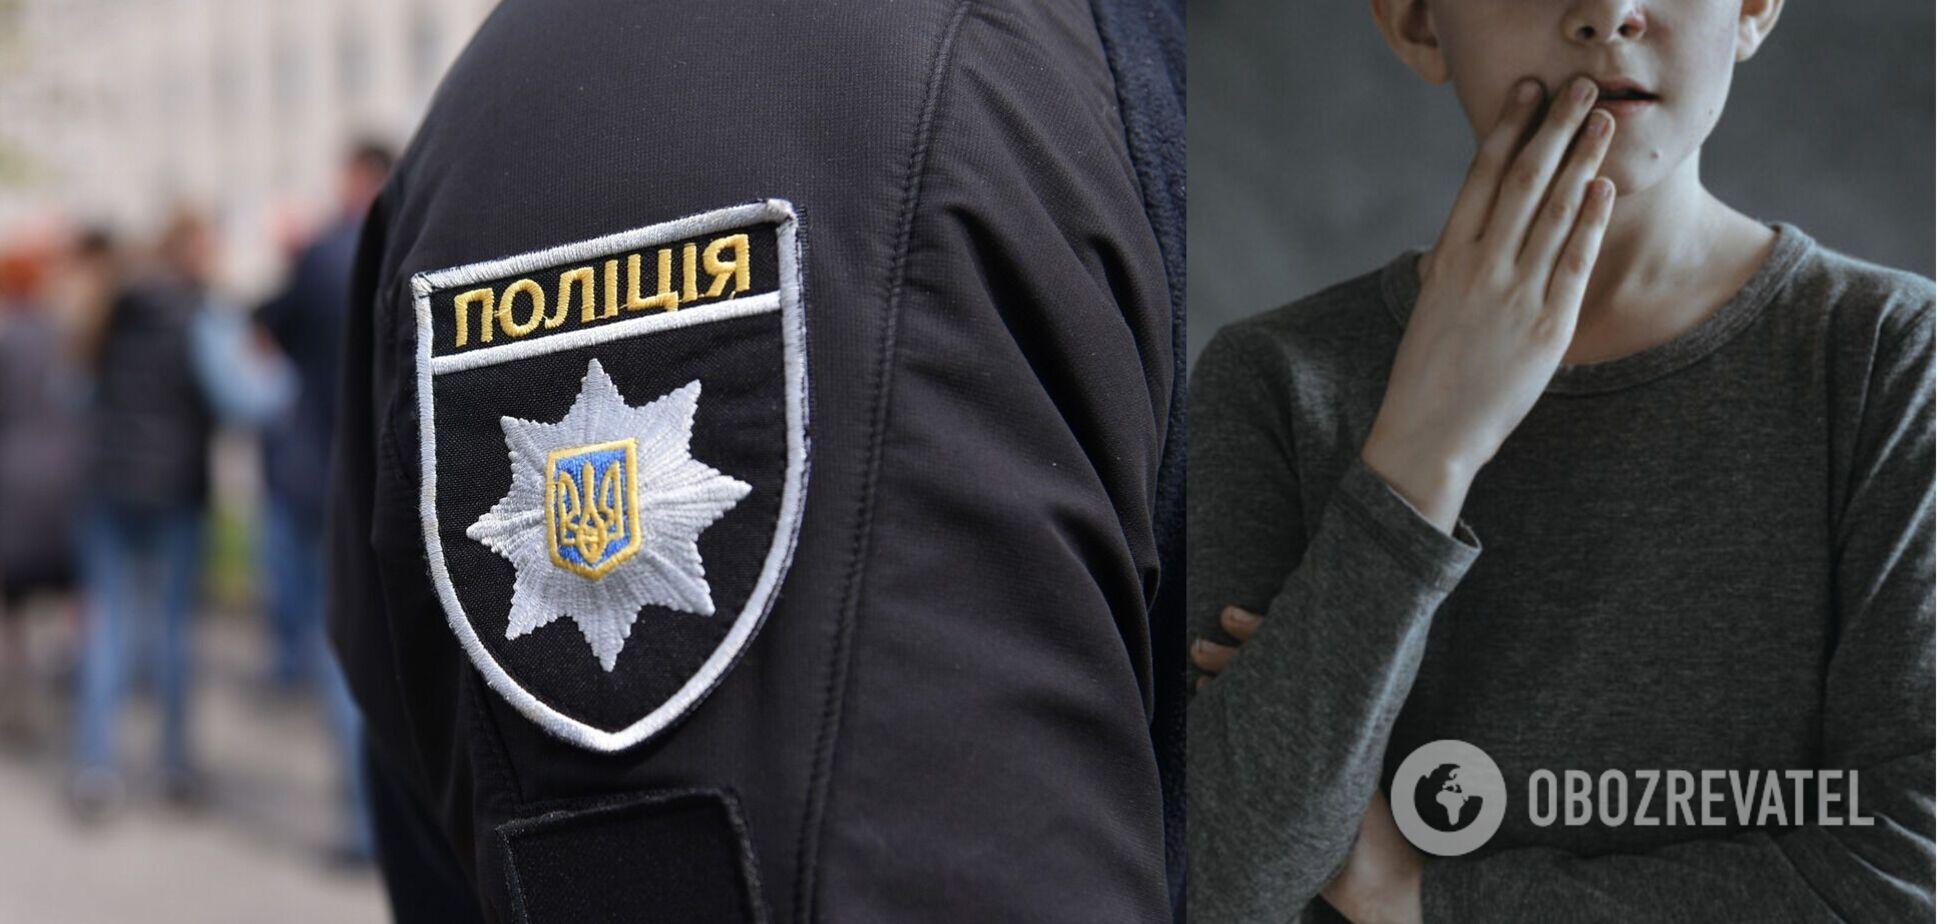 В Запорожье женщина заявила об изнасиловании внука в школе, полиция не подтверждает